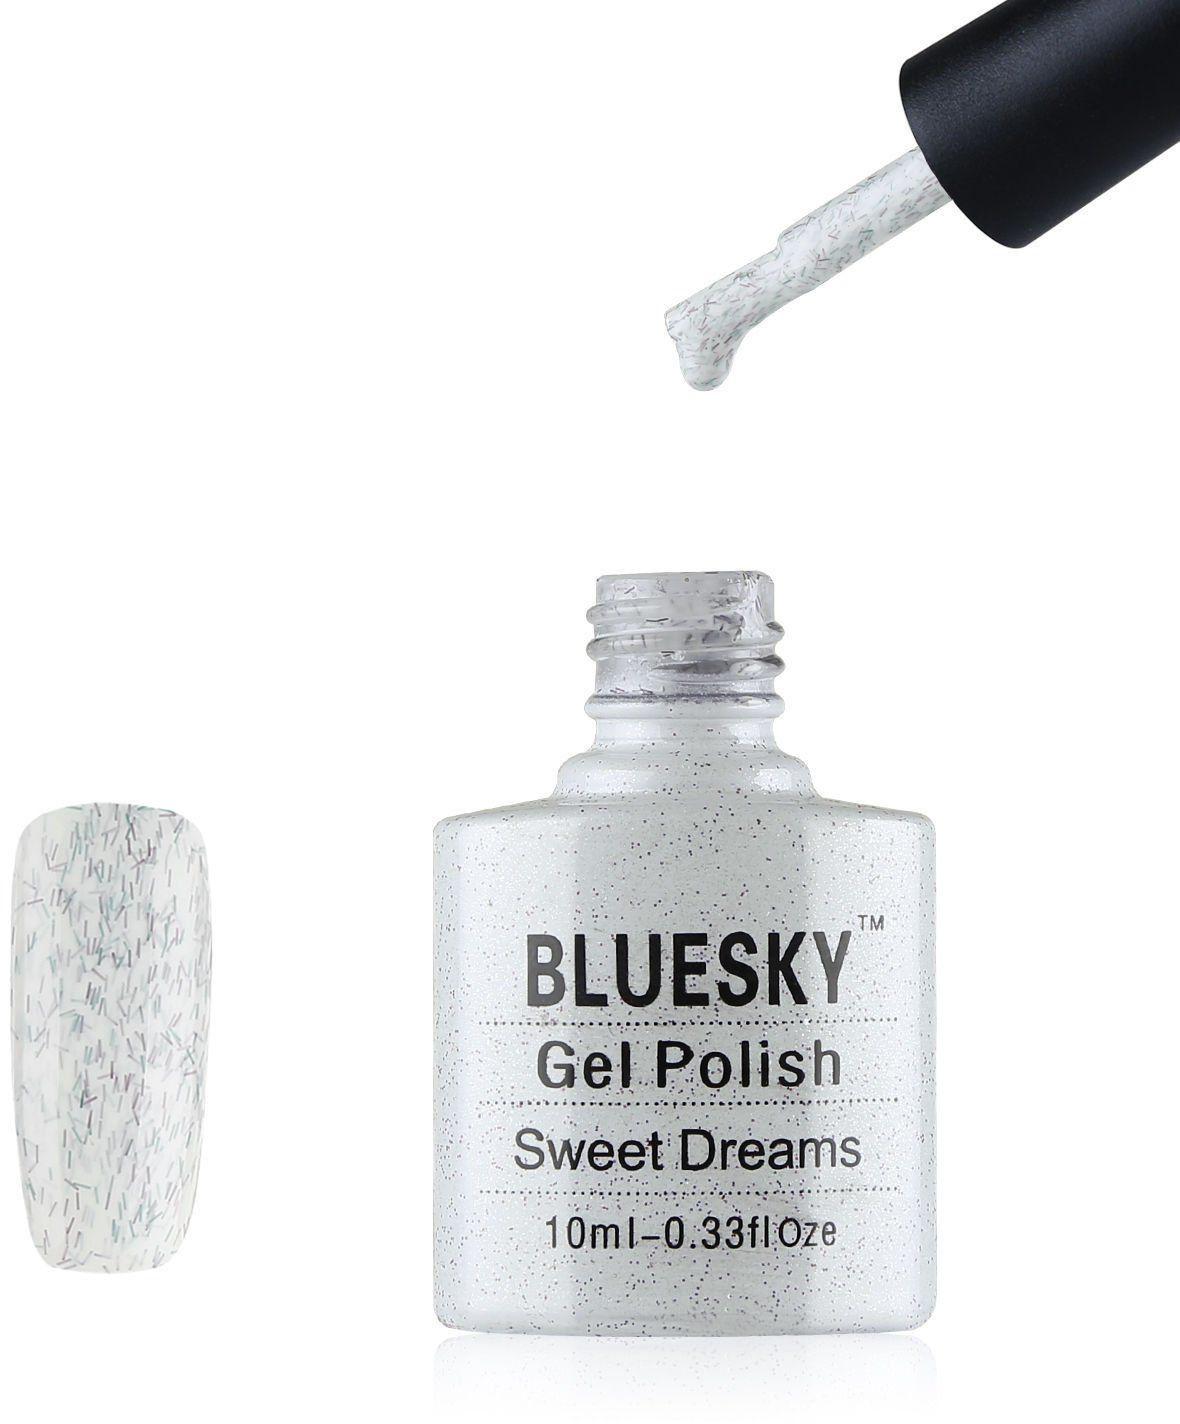 Bluesky Bsh041 żelowy lakier do paznokci, Sweet Dreams biały brokat, długotrwały, odporny na odpryski, 10 ml (wymaga utwardzenia pod lampą UV LED)